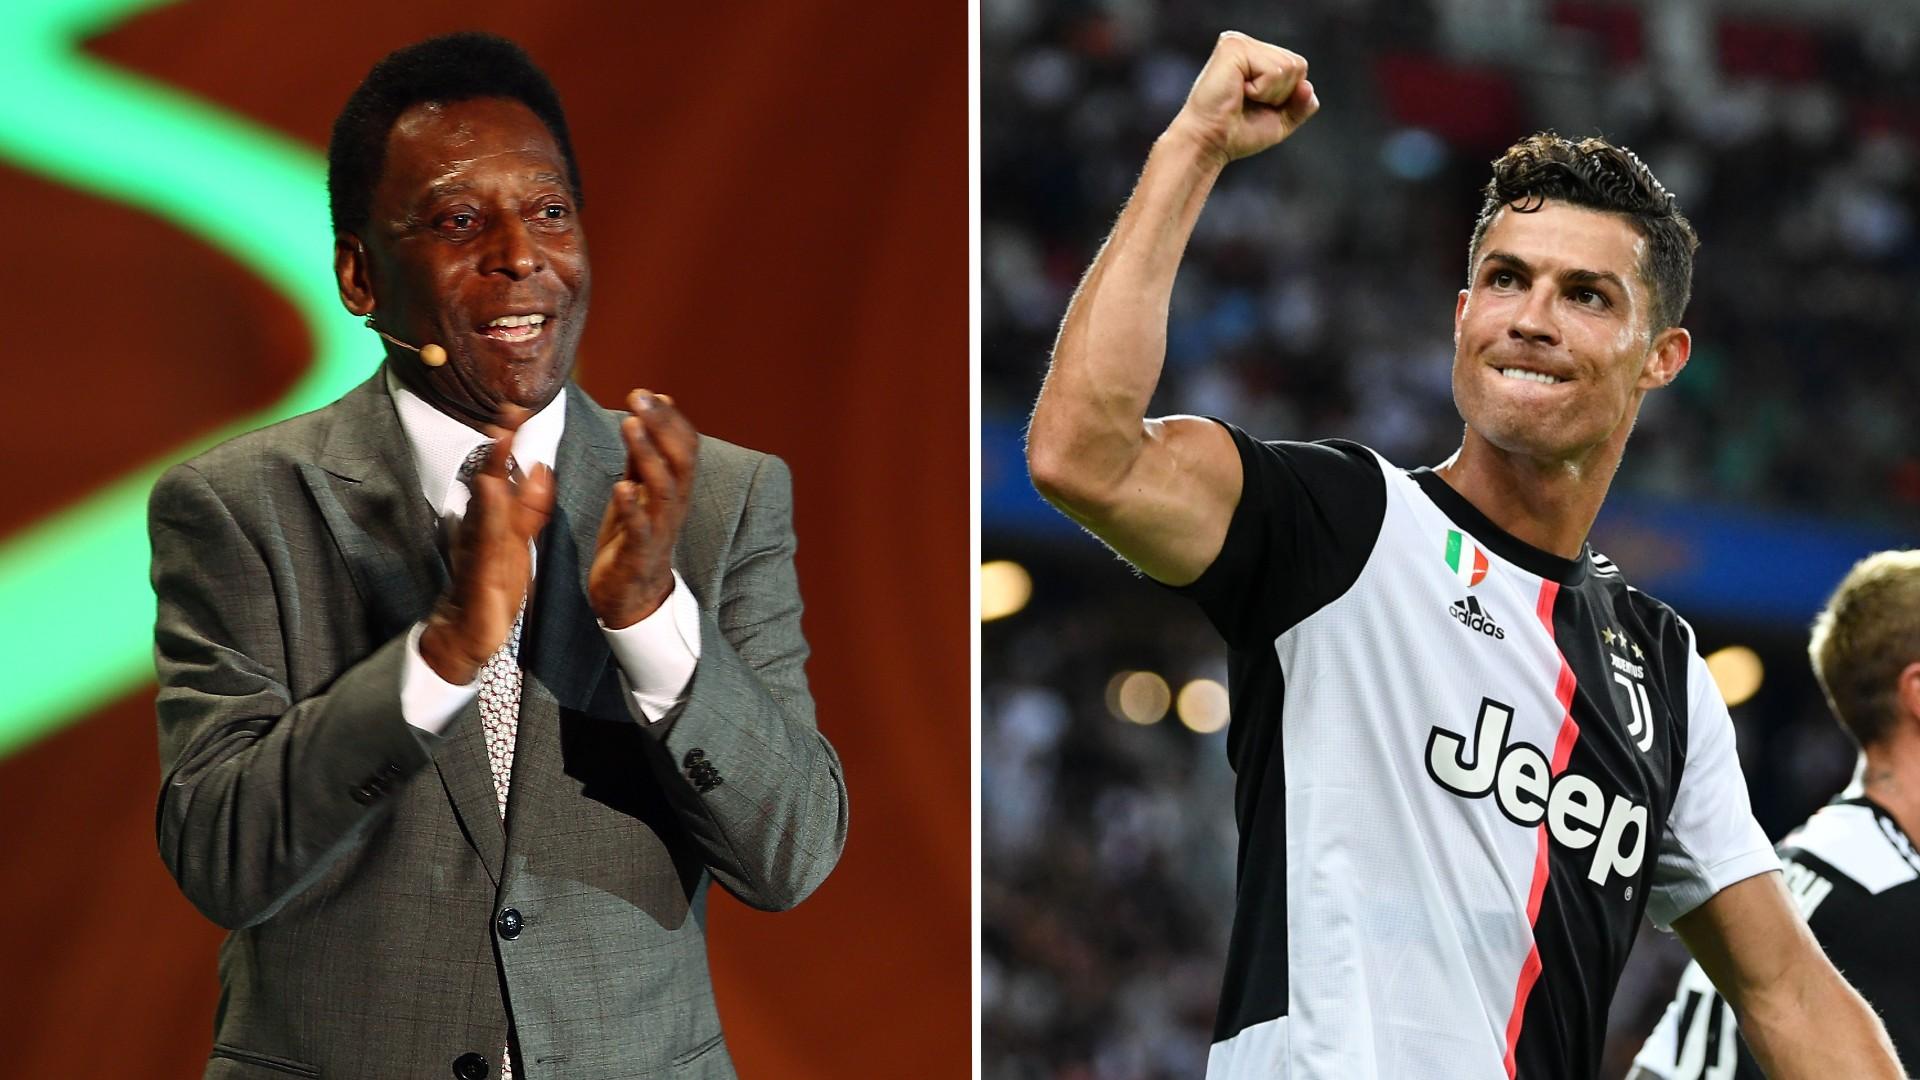 Ronaldo vượt mặt huyền thoại Pele trở thành cầu thủ ghi bàn nhiều nhất lịch sử